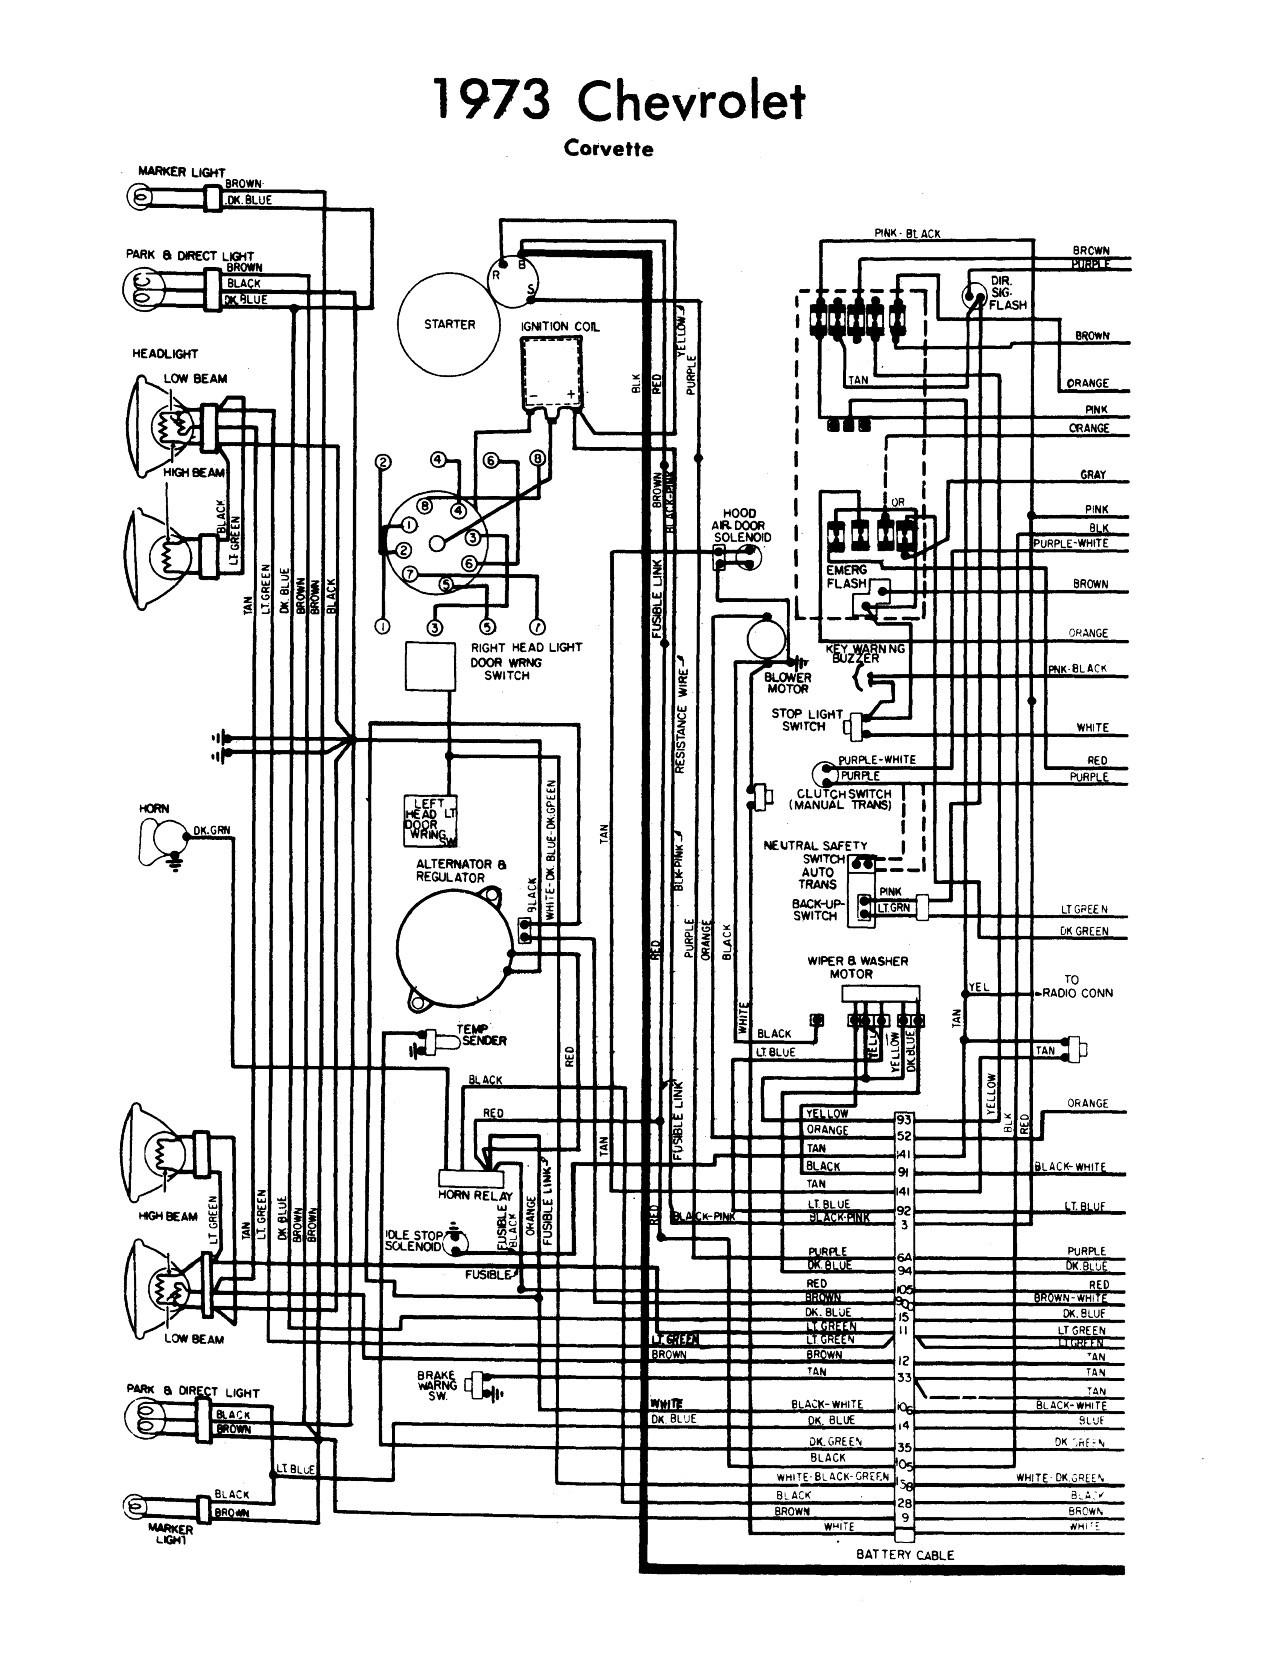 Gm Corvette 1971 Wiper Motor Wiring Diagram Volvo Truck Wg64t Wiring Diagrams Wiring 2005vtx Jeanjaures37 Fr